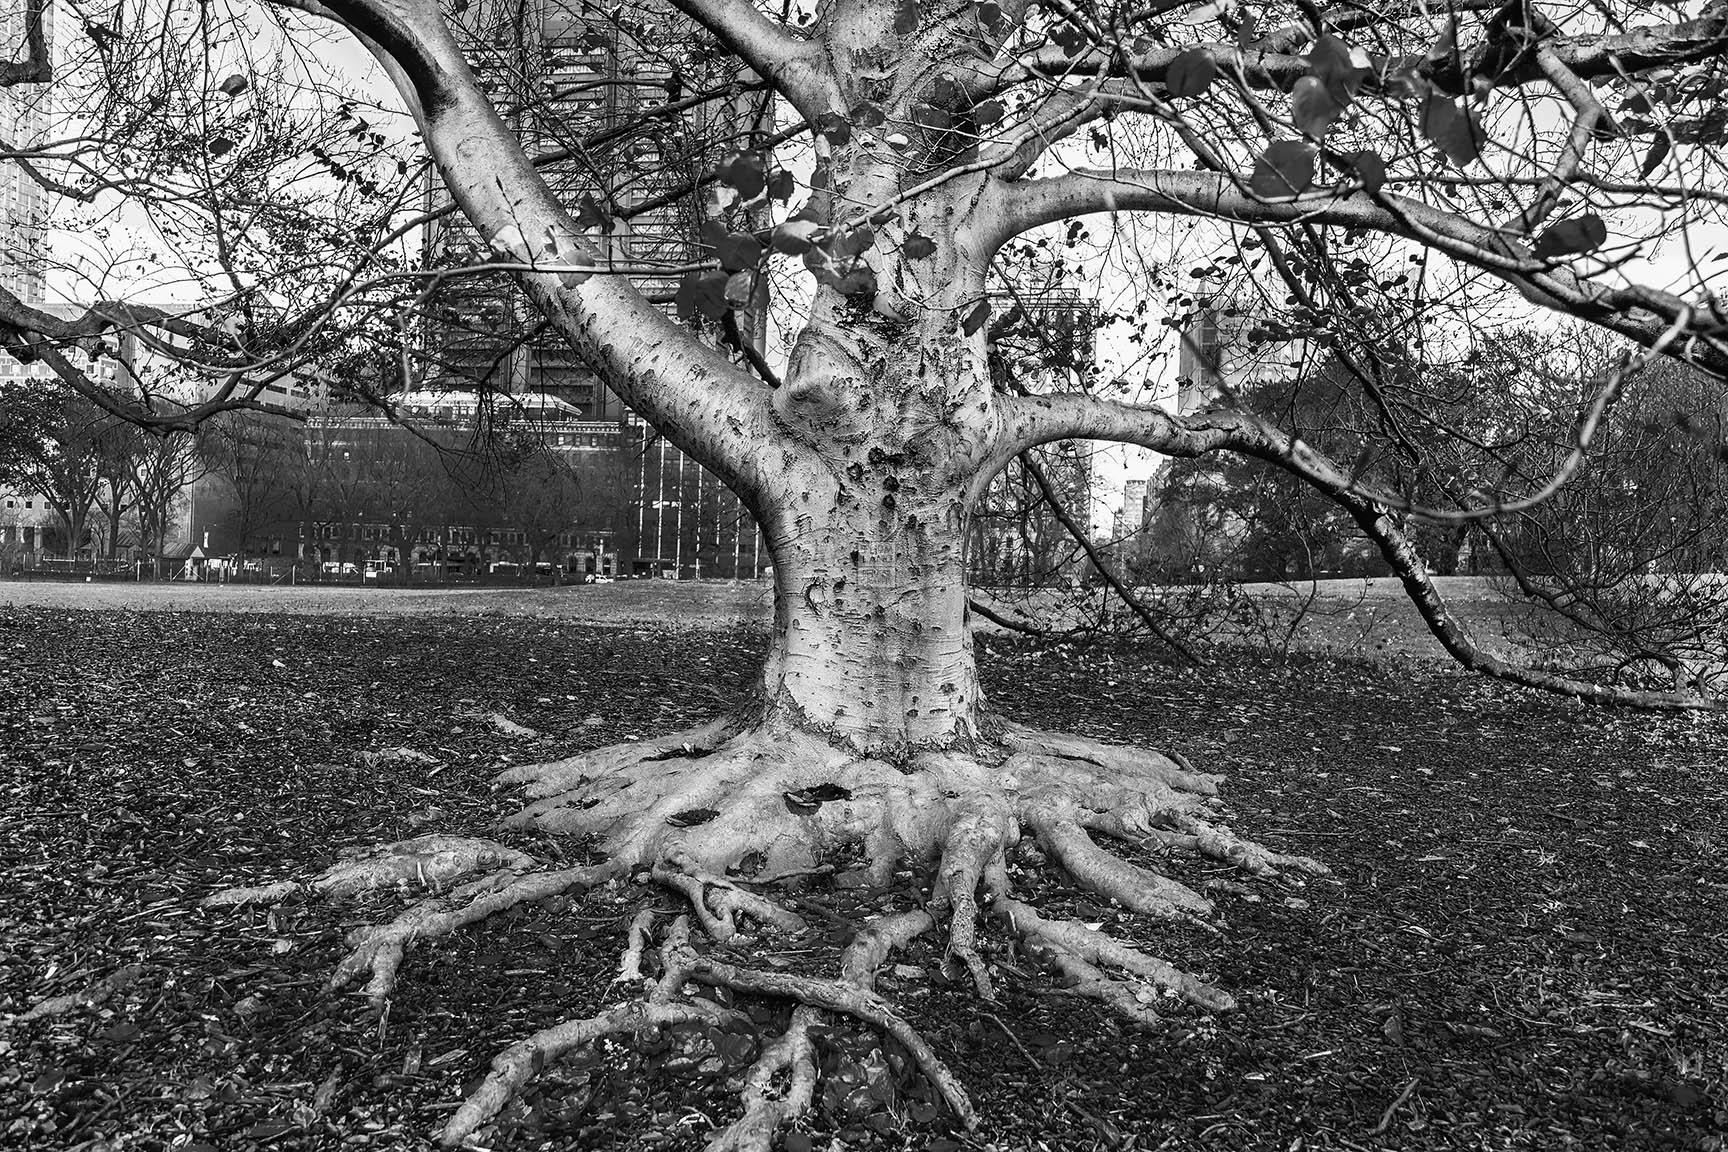 13_Tattoo Tree_5882-BLOG